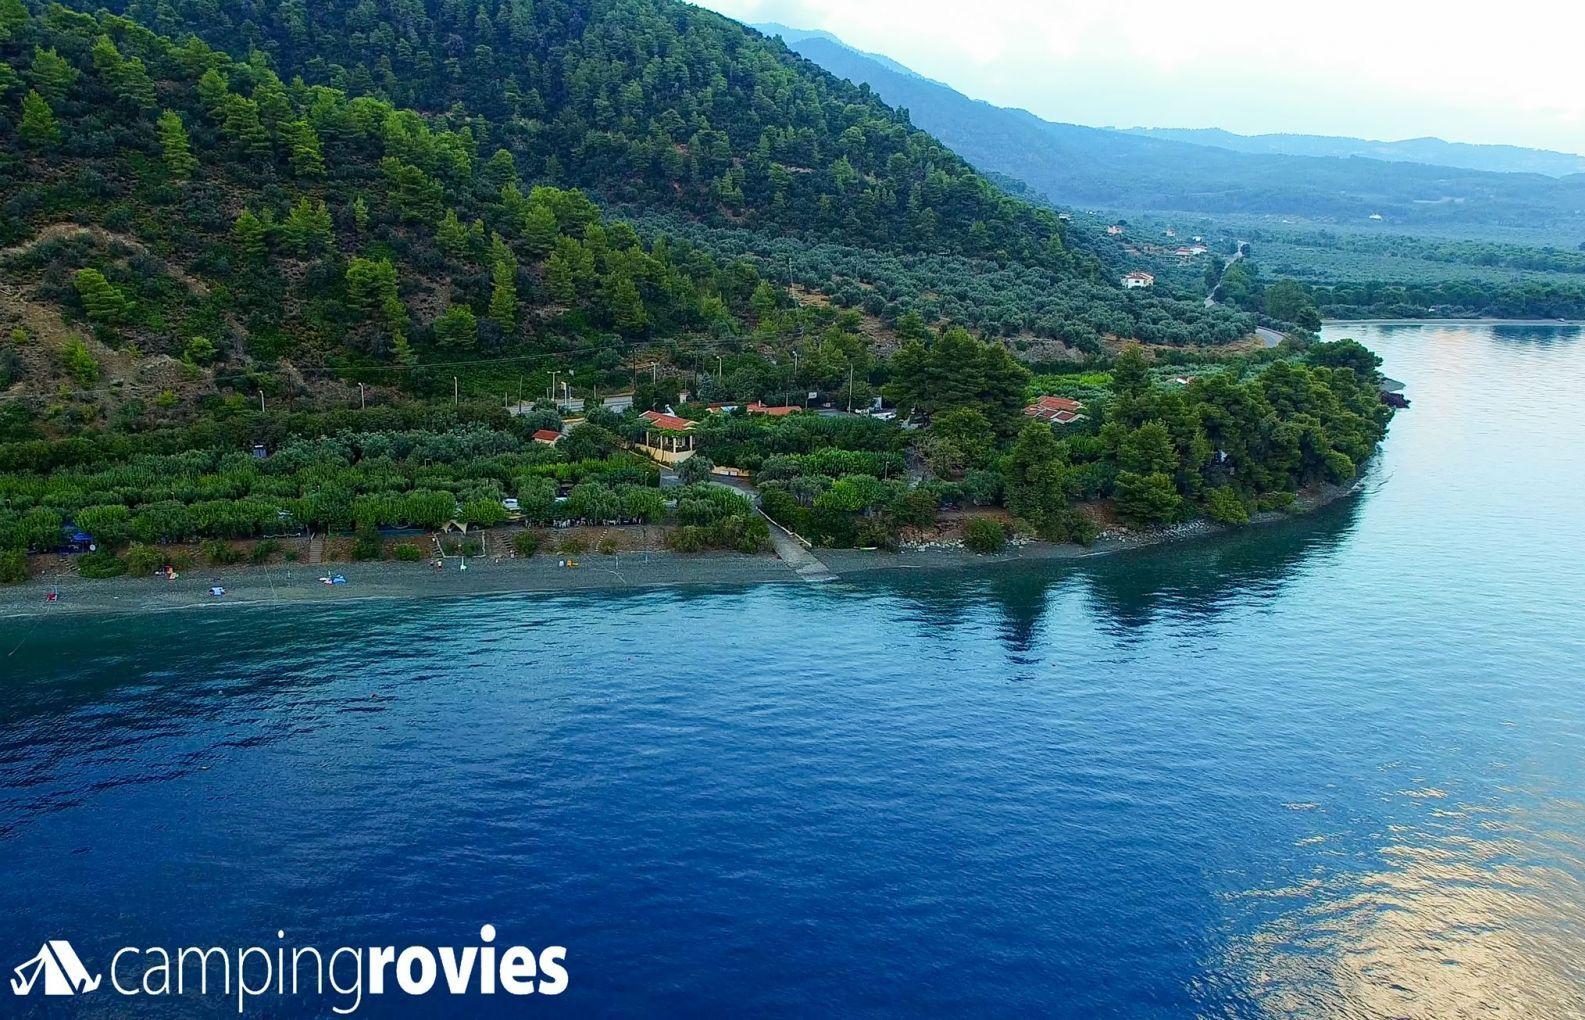 10,3€ από 21€ για 1 Διανυκτέρευση 2 ατόμων, με αυτόνομη πρόσβαση στην παραλία, θέση parking & παροχή ρεύματος, στο ειδυλλιακό ''Camping Rovies'' στην Βόρεια Εύβοια! Ίσως το καλύτερο camping της Ελλάδας!